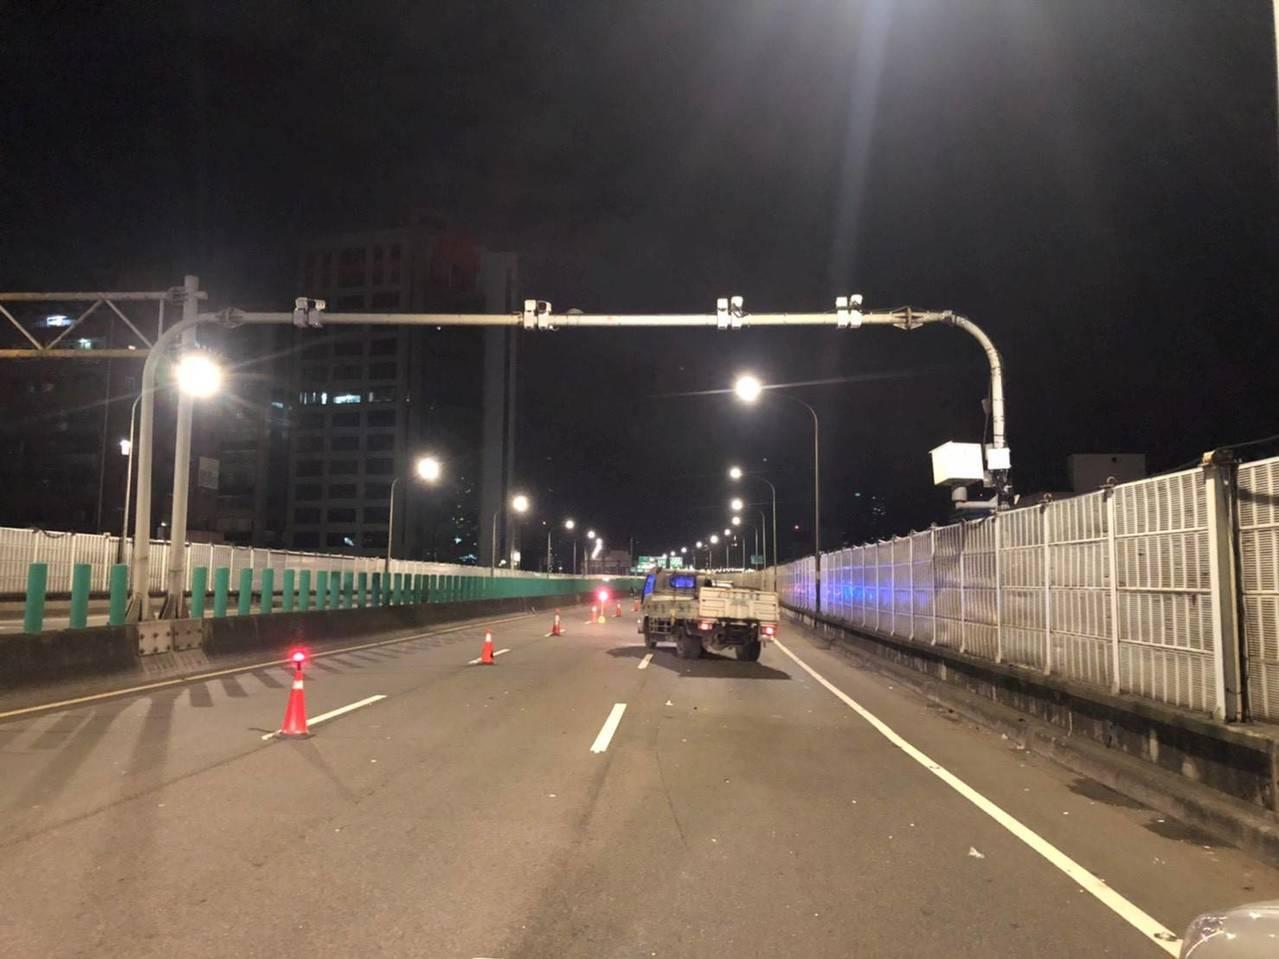 台北市市民高架道路將從明年元旦起,啟動道路科技執法。圖/北市交通警察大隊提供